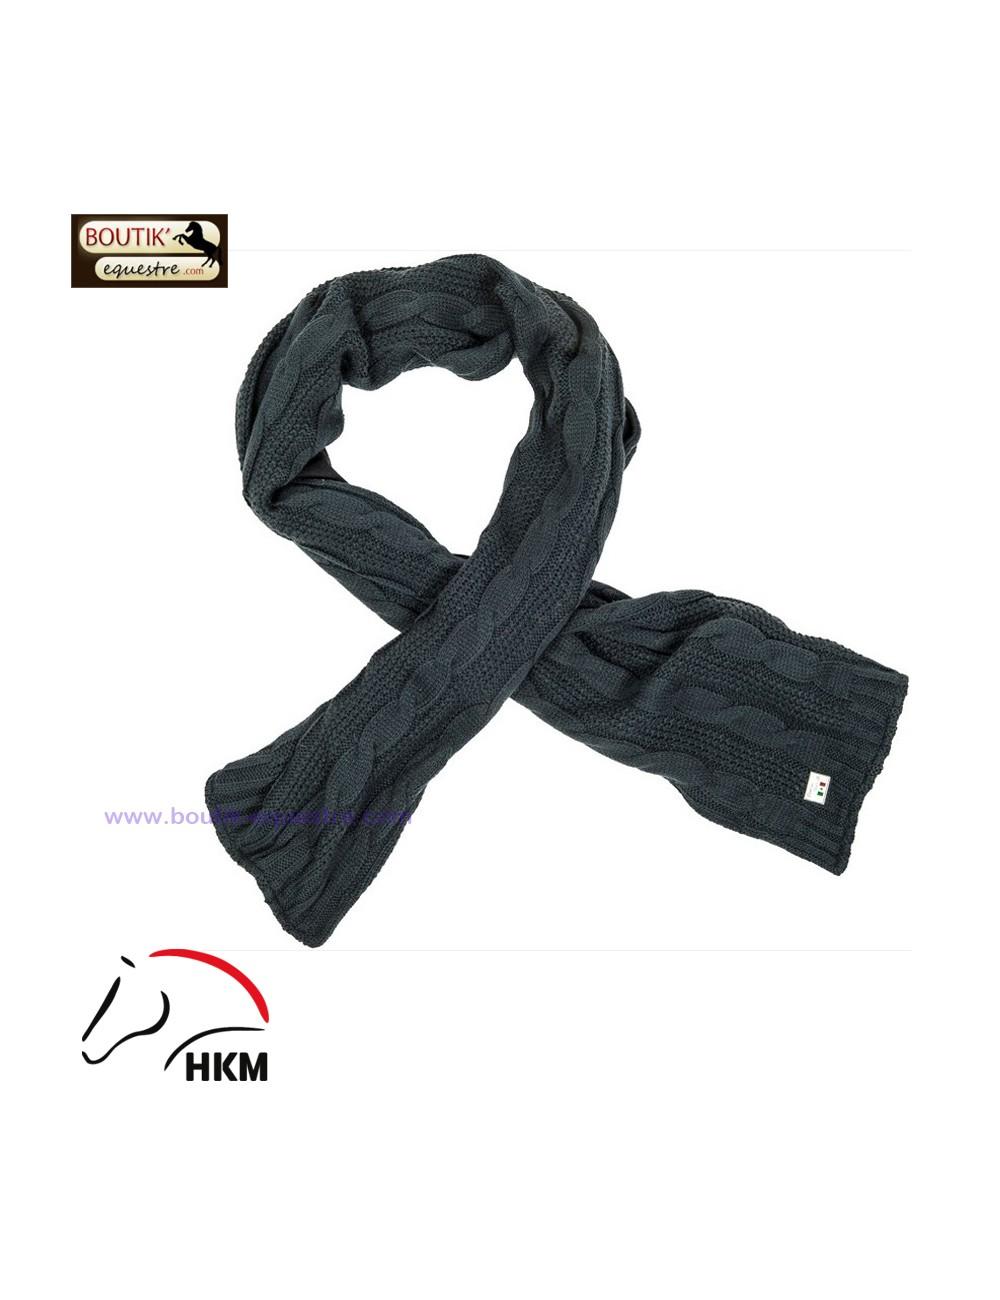 Echarpe HKM Paris